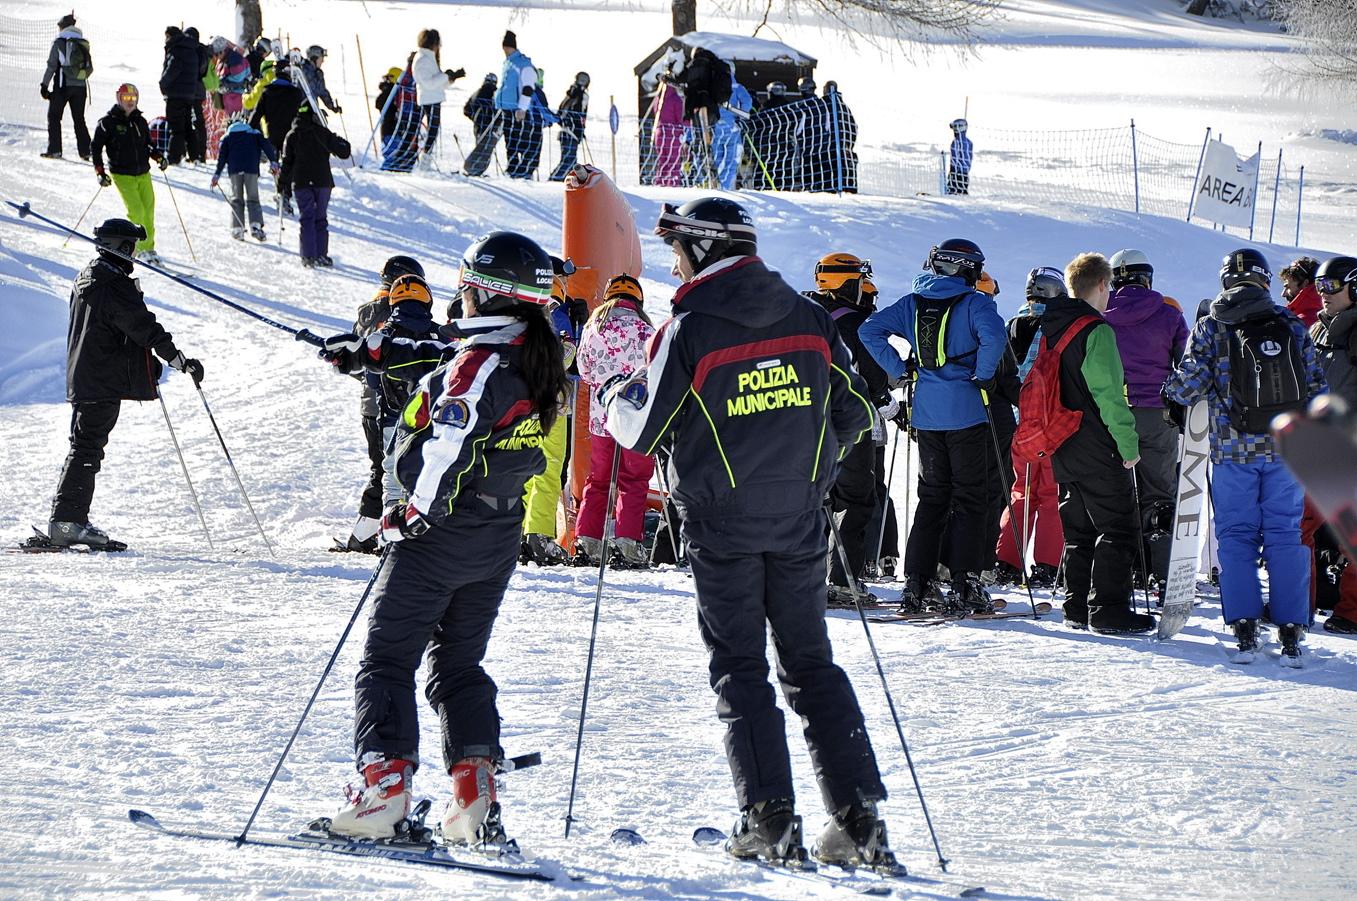 La Polizia Locale al servizio dei cittadini.  La nostra sicurezza sulle piste da sci.